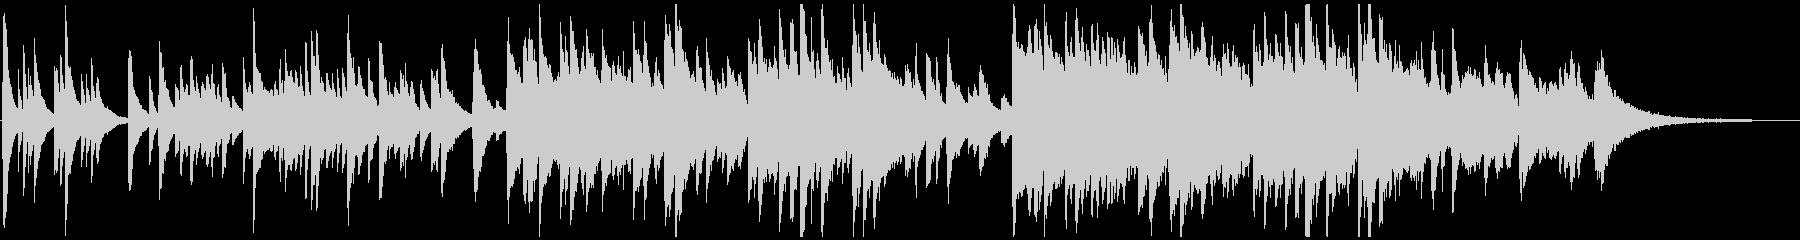 ピアノ・アコギ・チェロ 悲しいバラードの未再生の波形